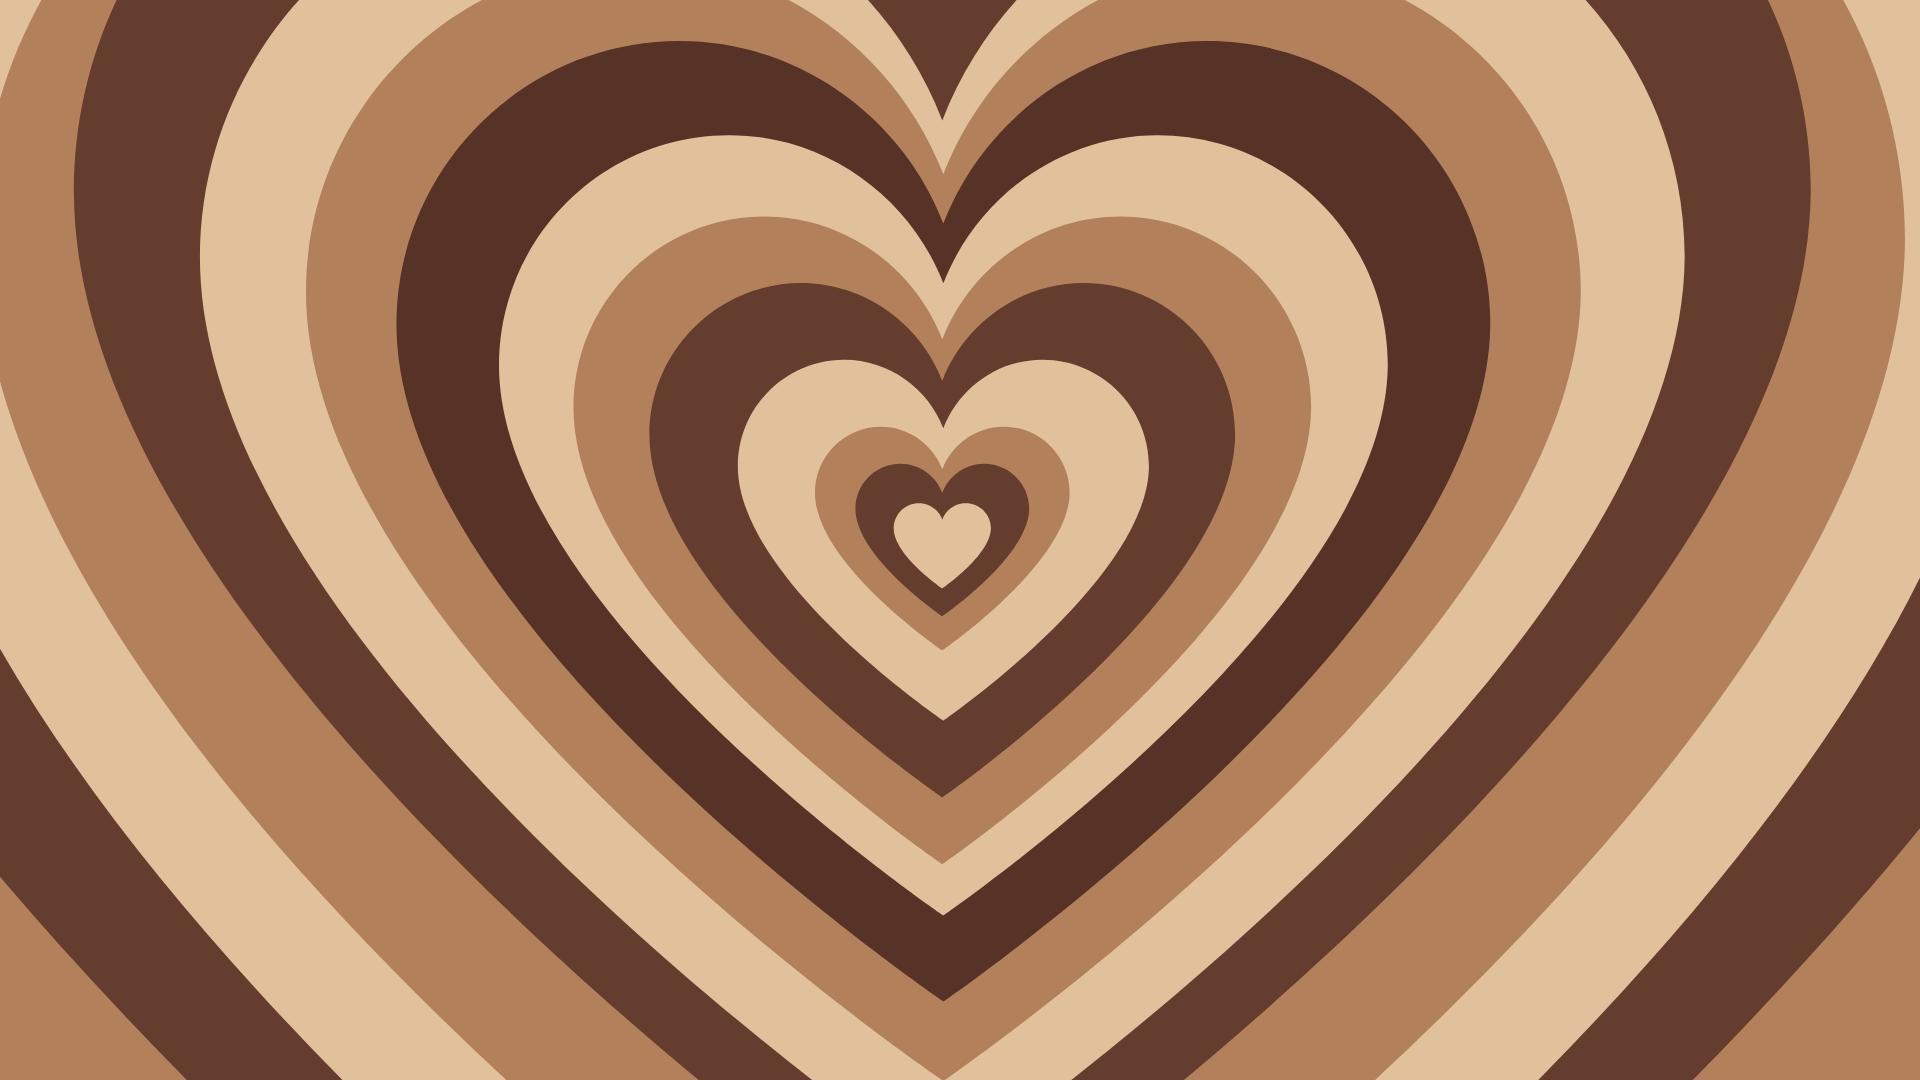 Brown Hearts Laptop Macbook Wallpaper Aesthetic In 2021 Macbook Wallpaper Desktop Wallpaper Art Aesthetic Desktop Wallpaper